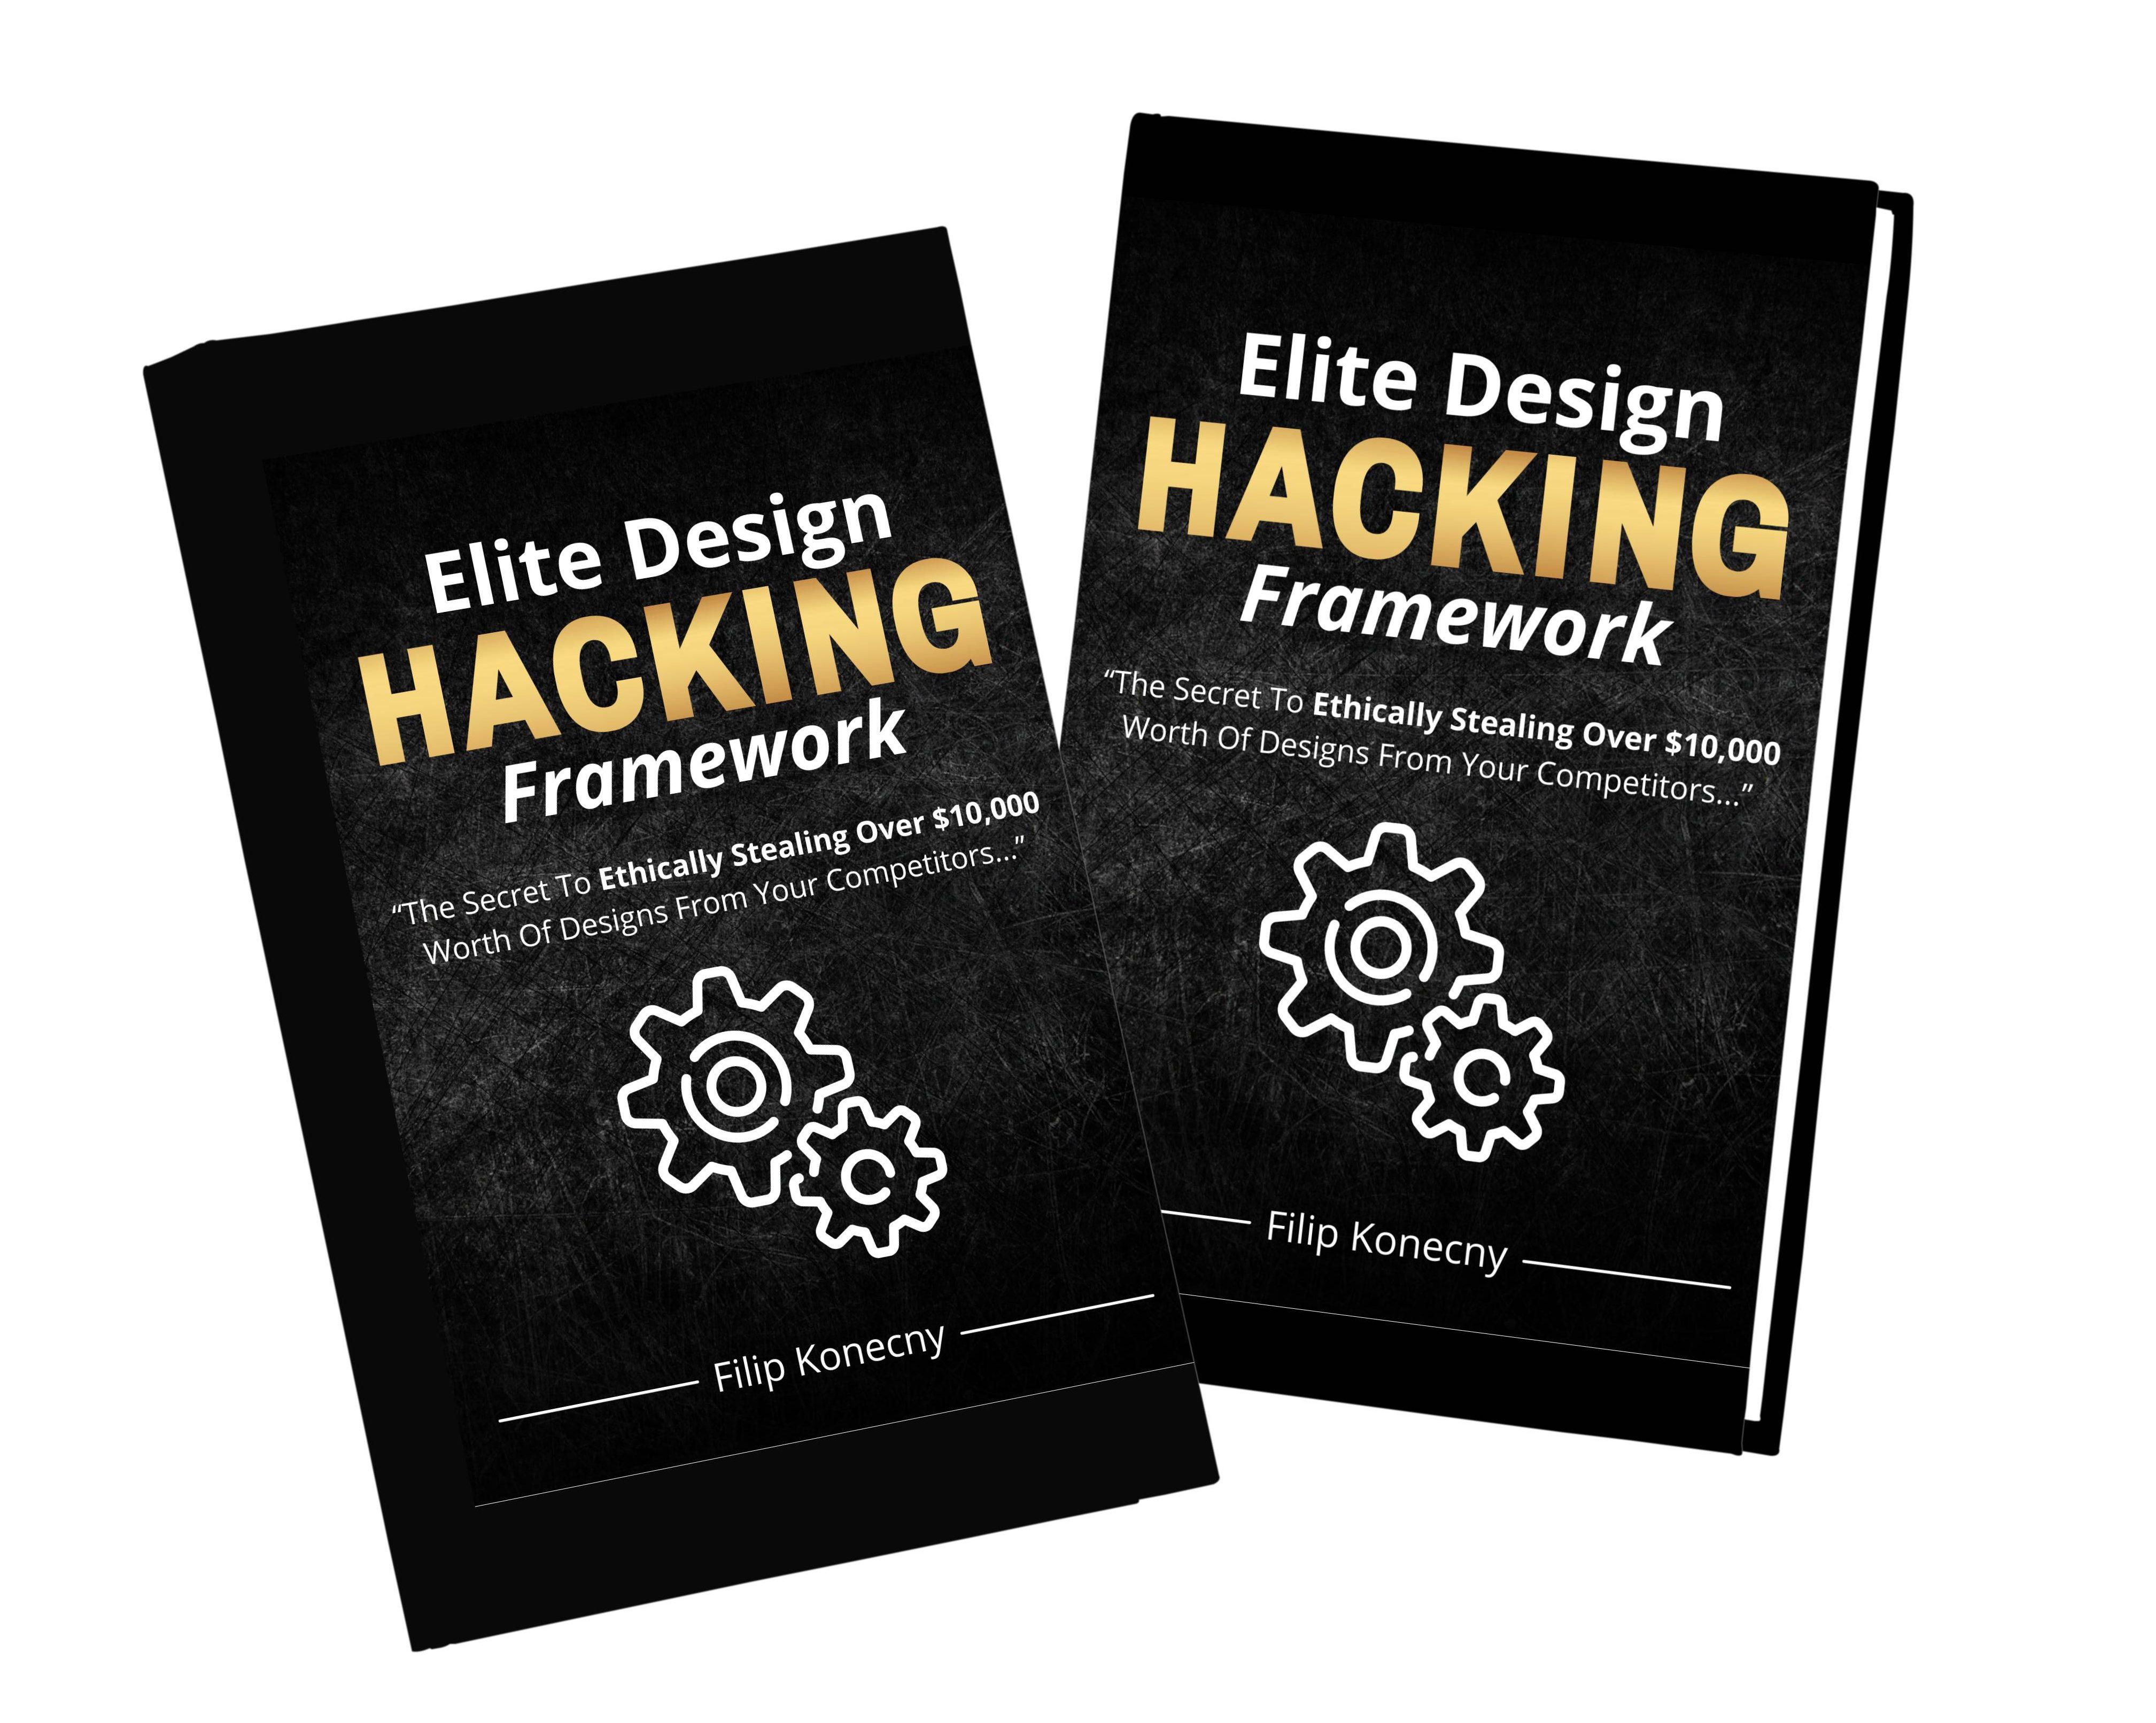 Elite Design Hacking Framework E-book Image